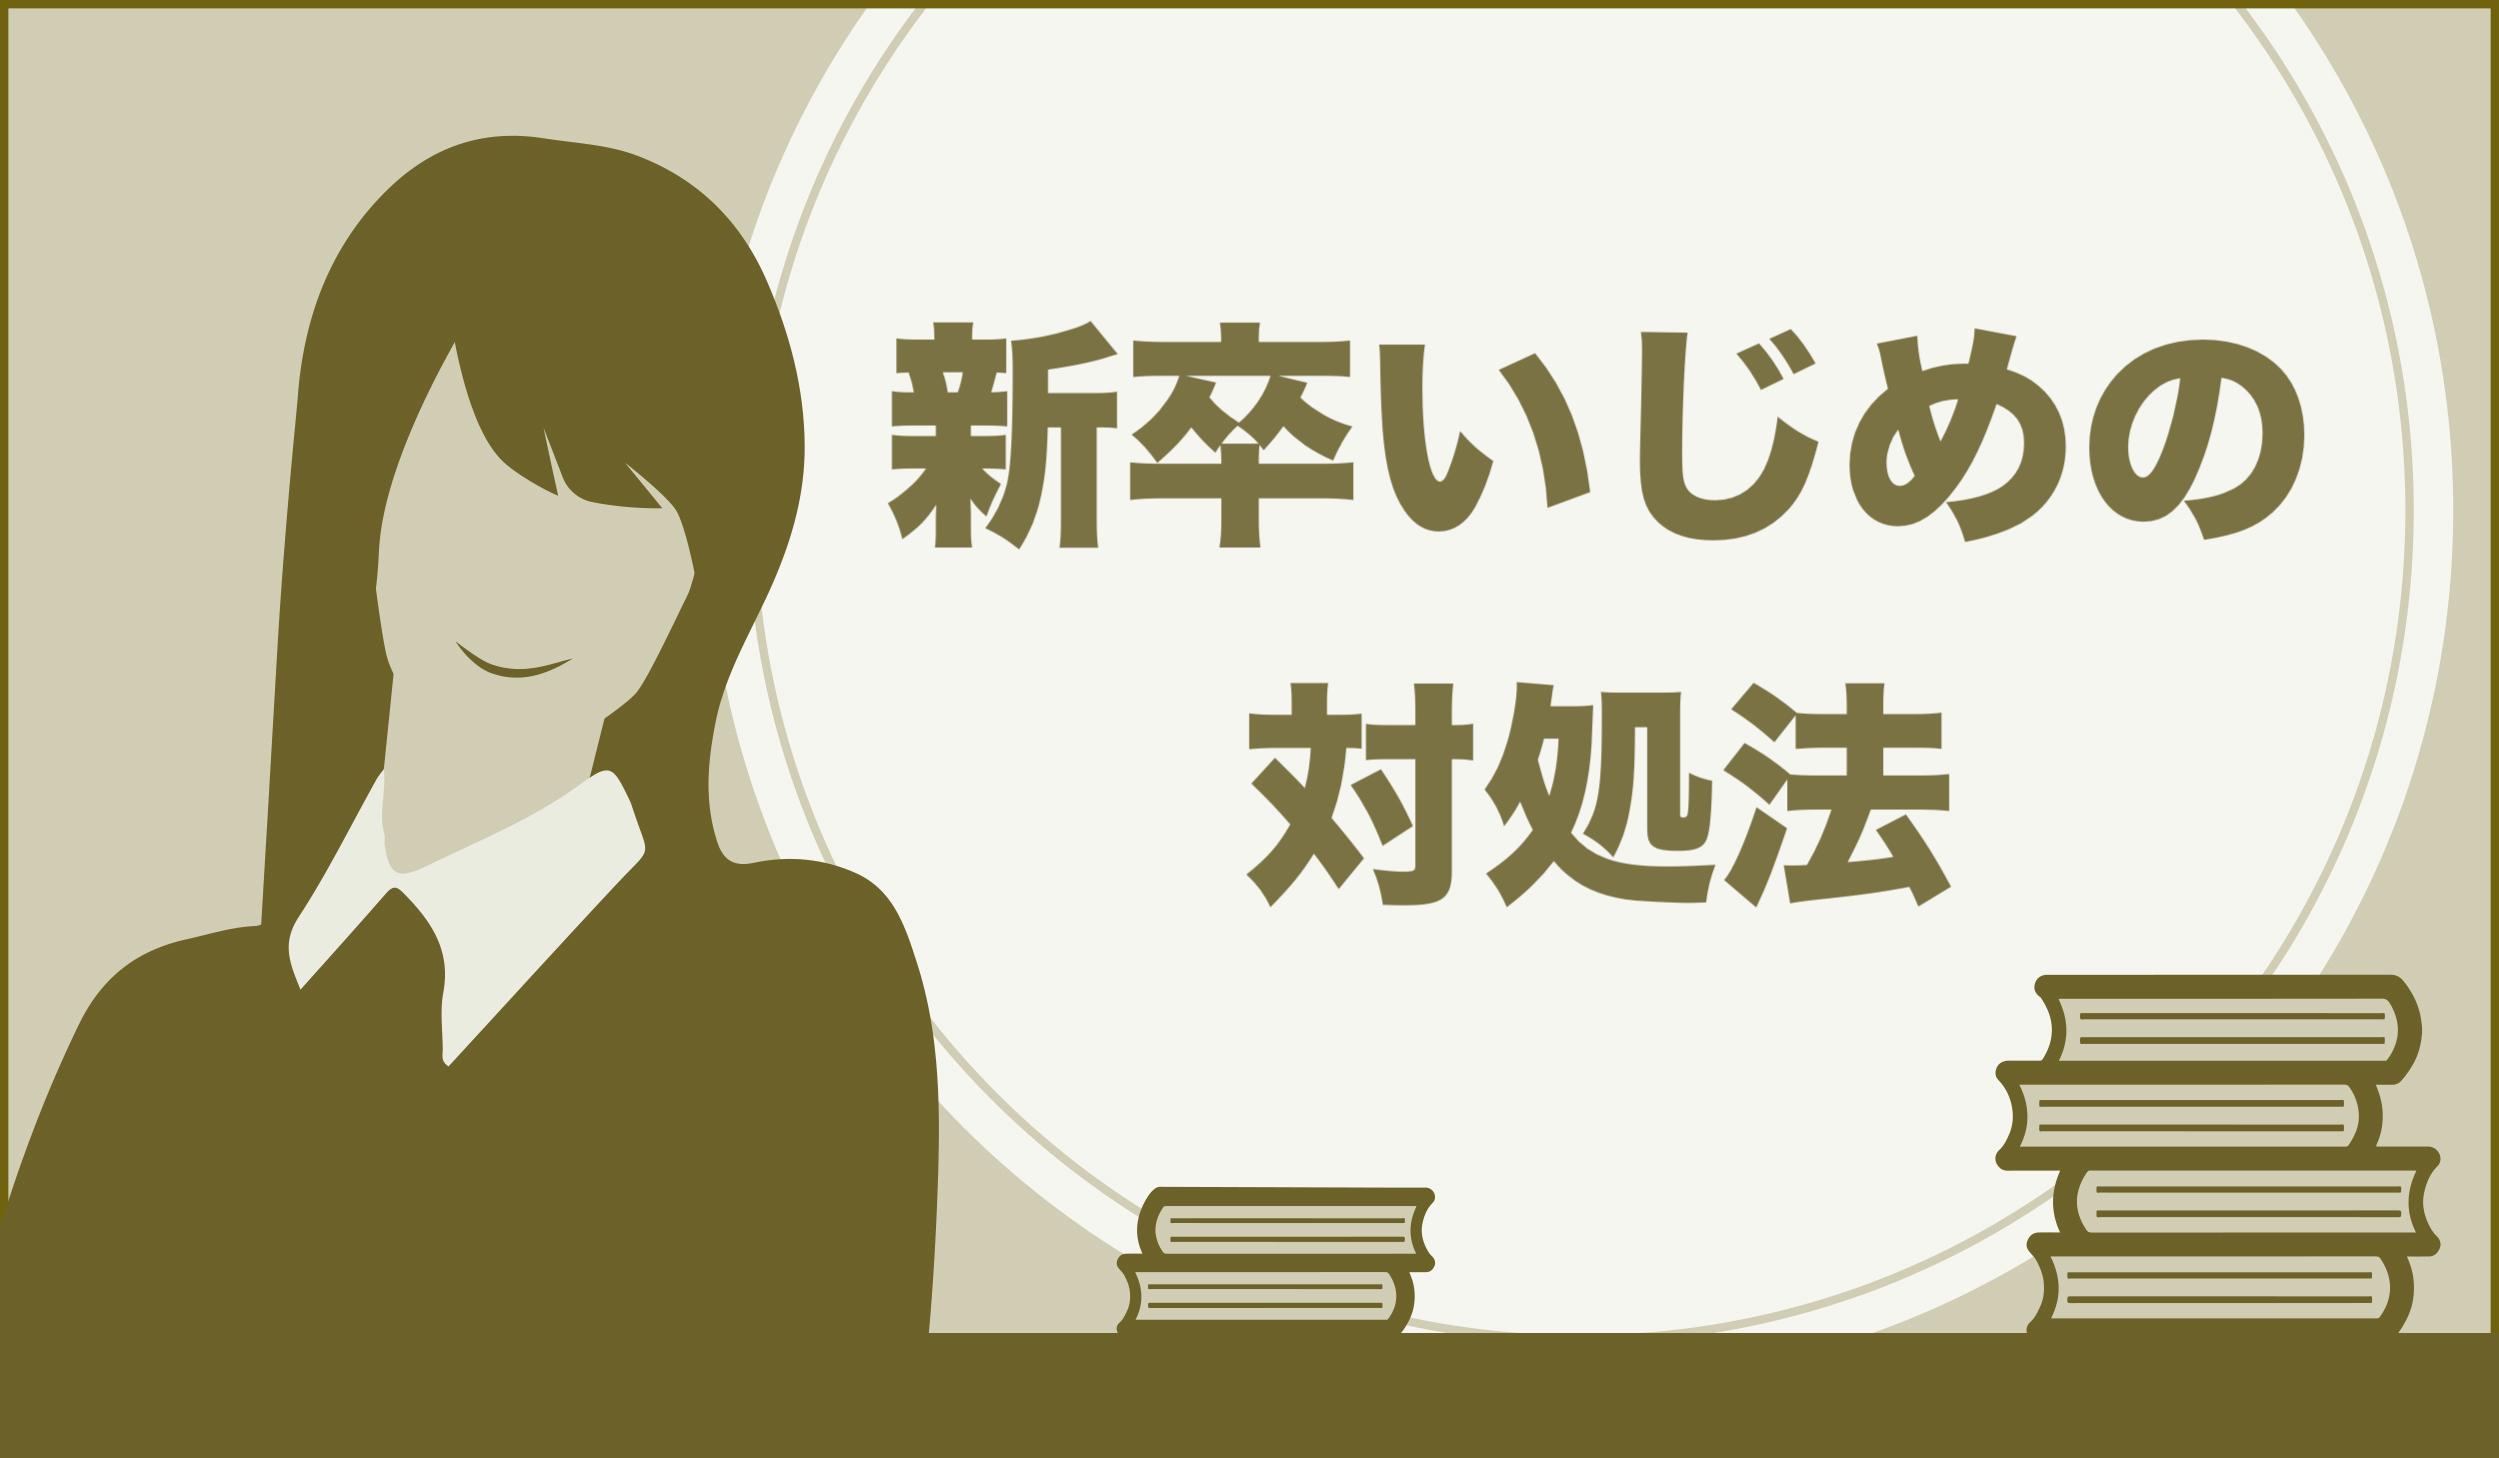 実録】新卒のいじめから身を守る11の応急処置【正直、退職が最強 ...